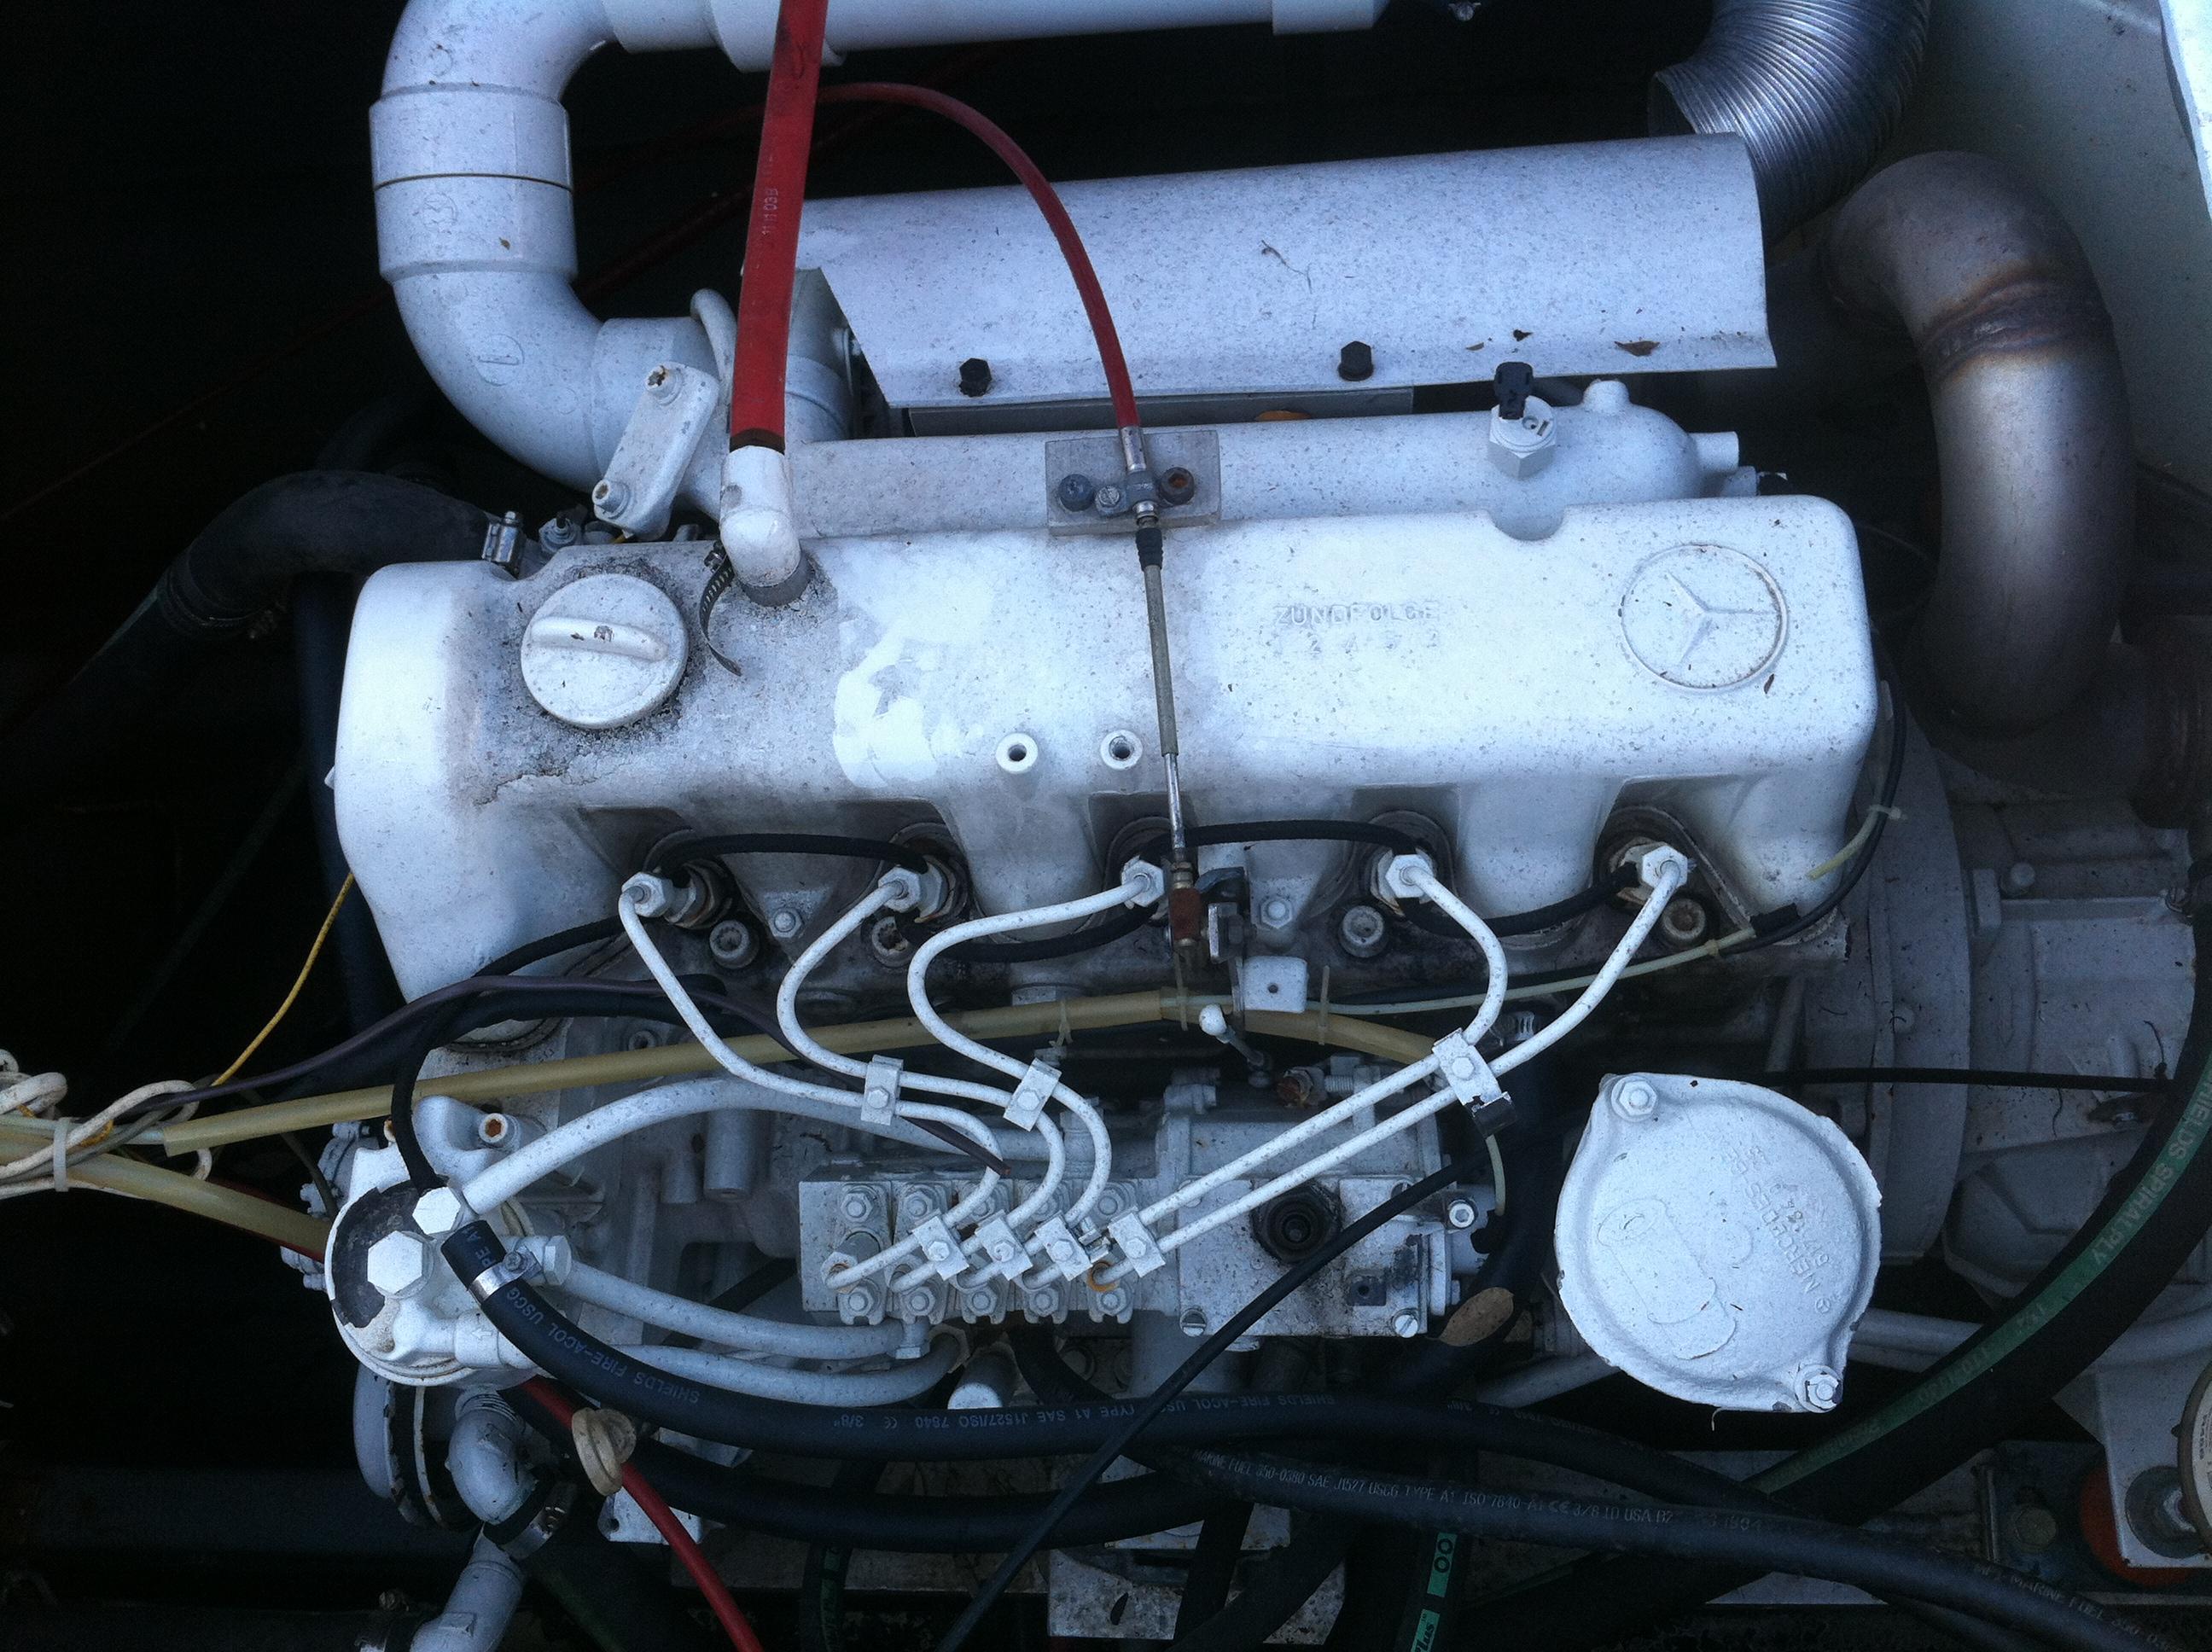 Mercedes benz om617 turbo diesel engines for Mercedes benz om617